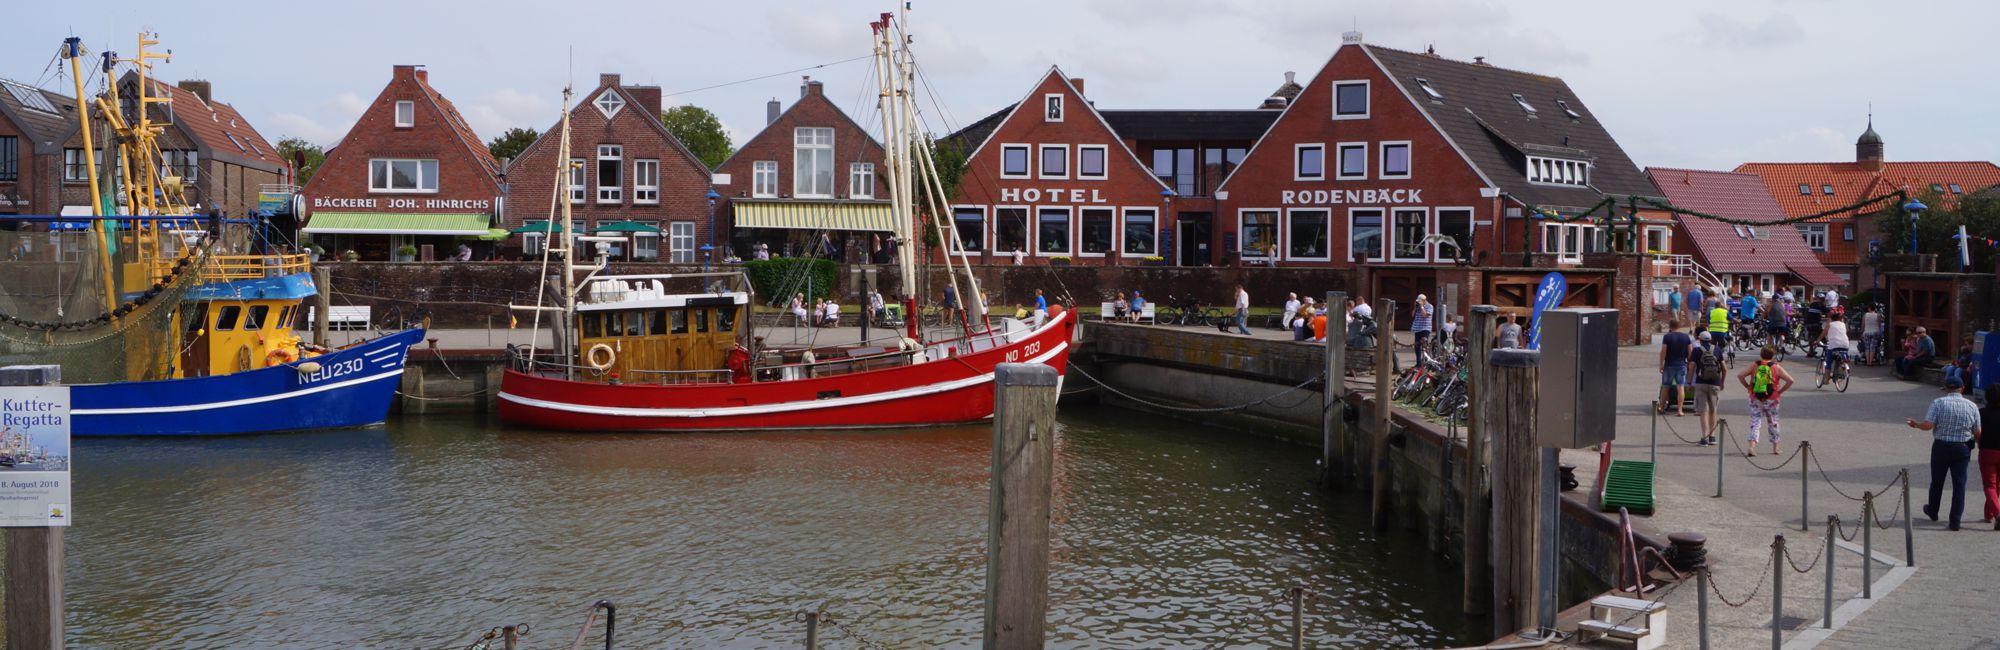 Webcam 2 - Östlicher Teil vom Kutterhafen in Neuharlingersiel